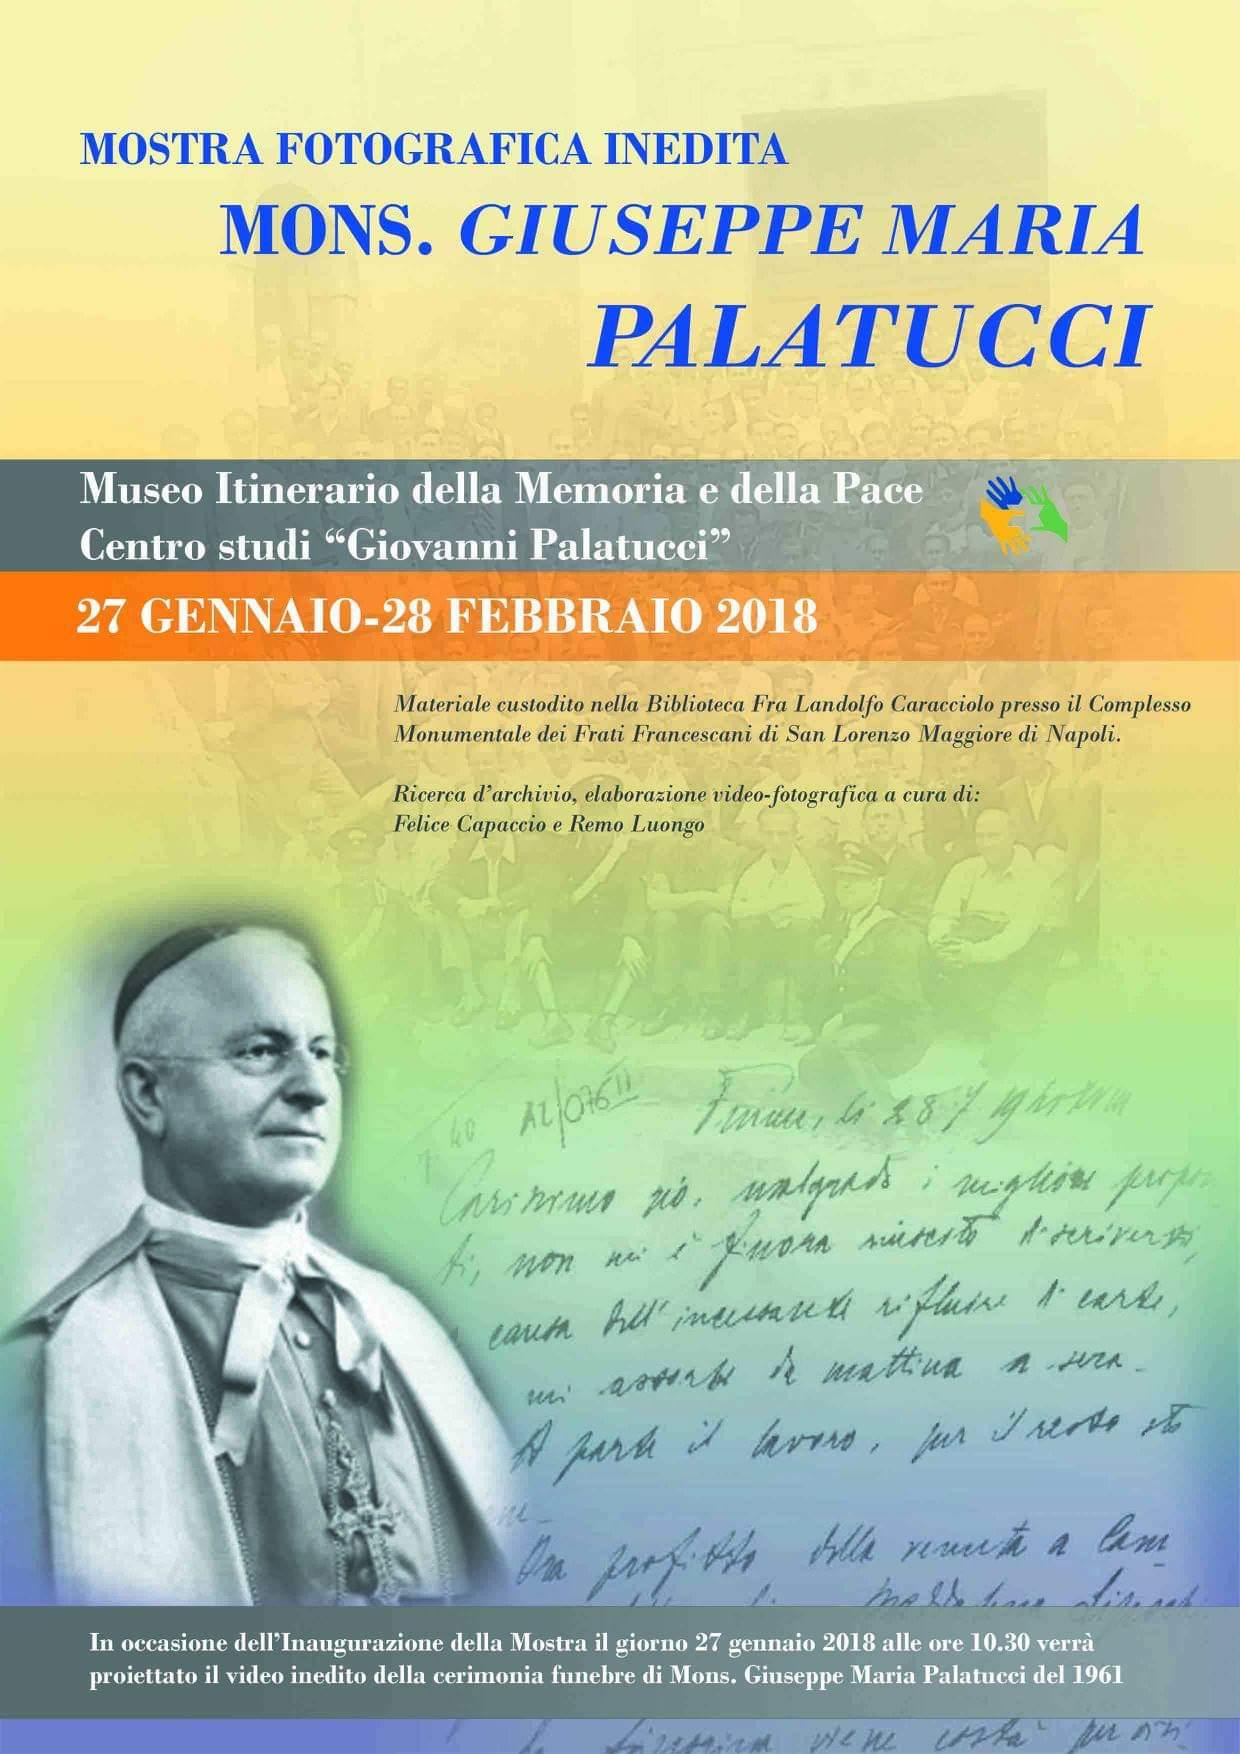 Presentazione Mostra fotografica su Mons. Giuseppe Maria Palatucci